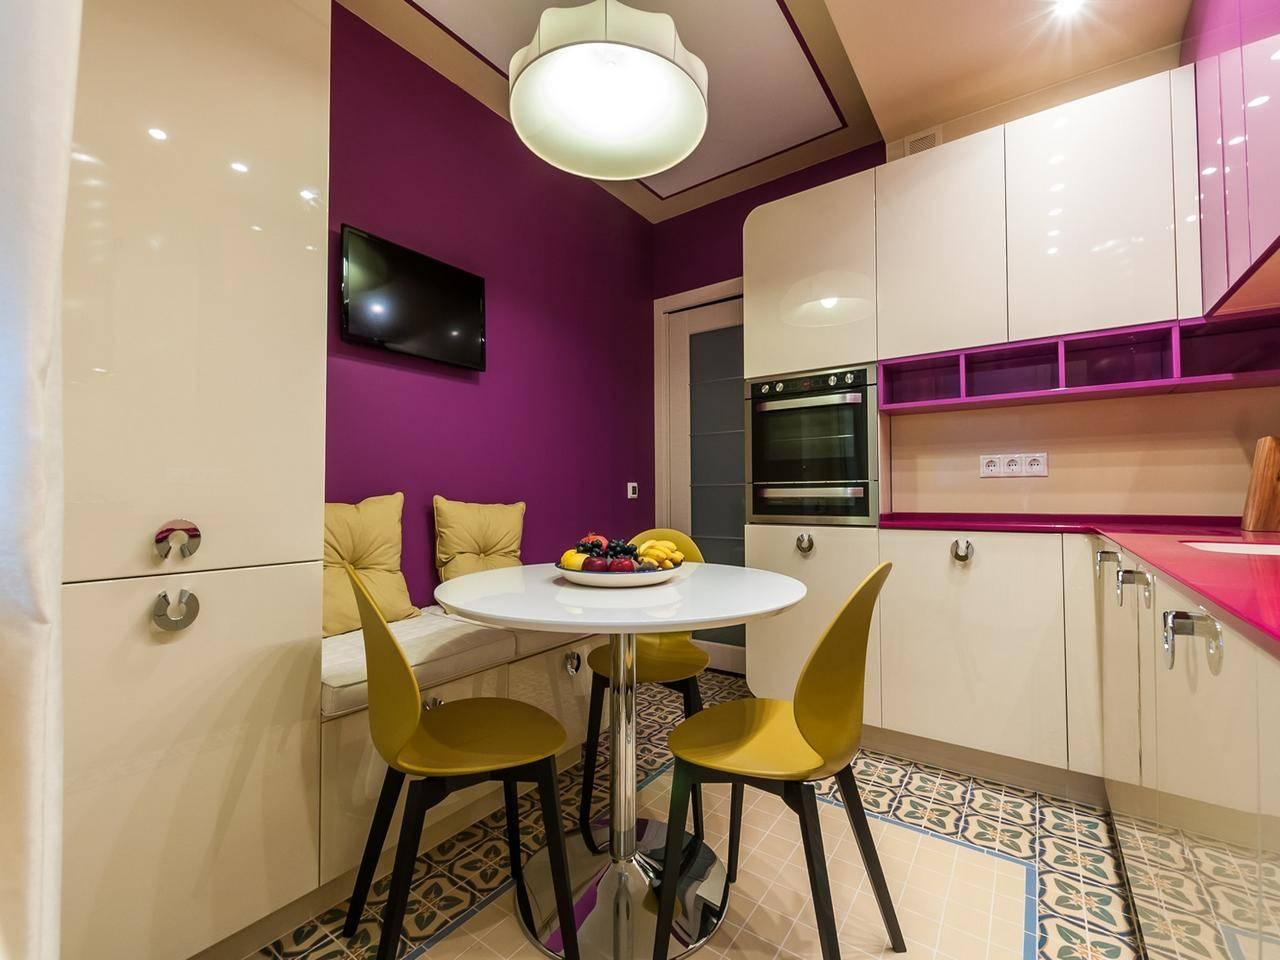 Кухня 9 кв метров: современные фото идей